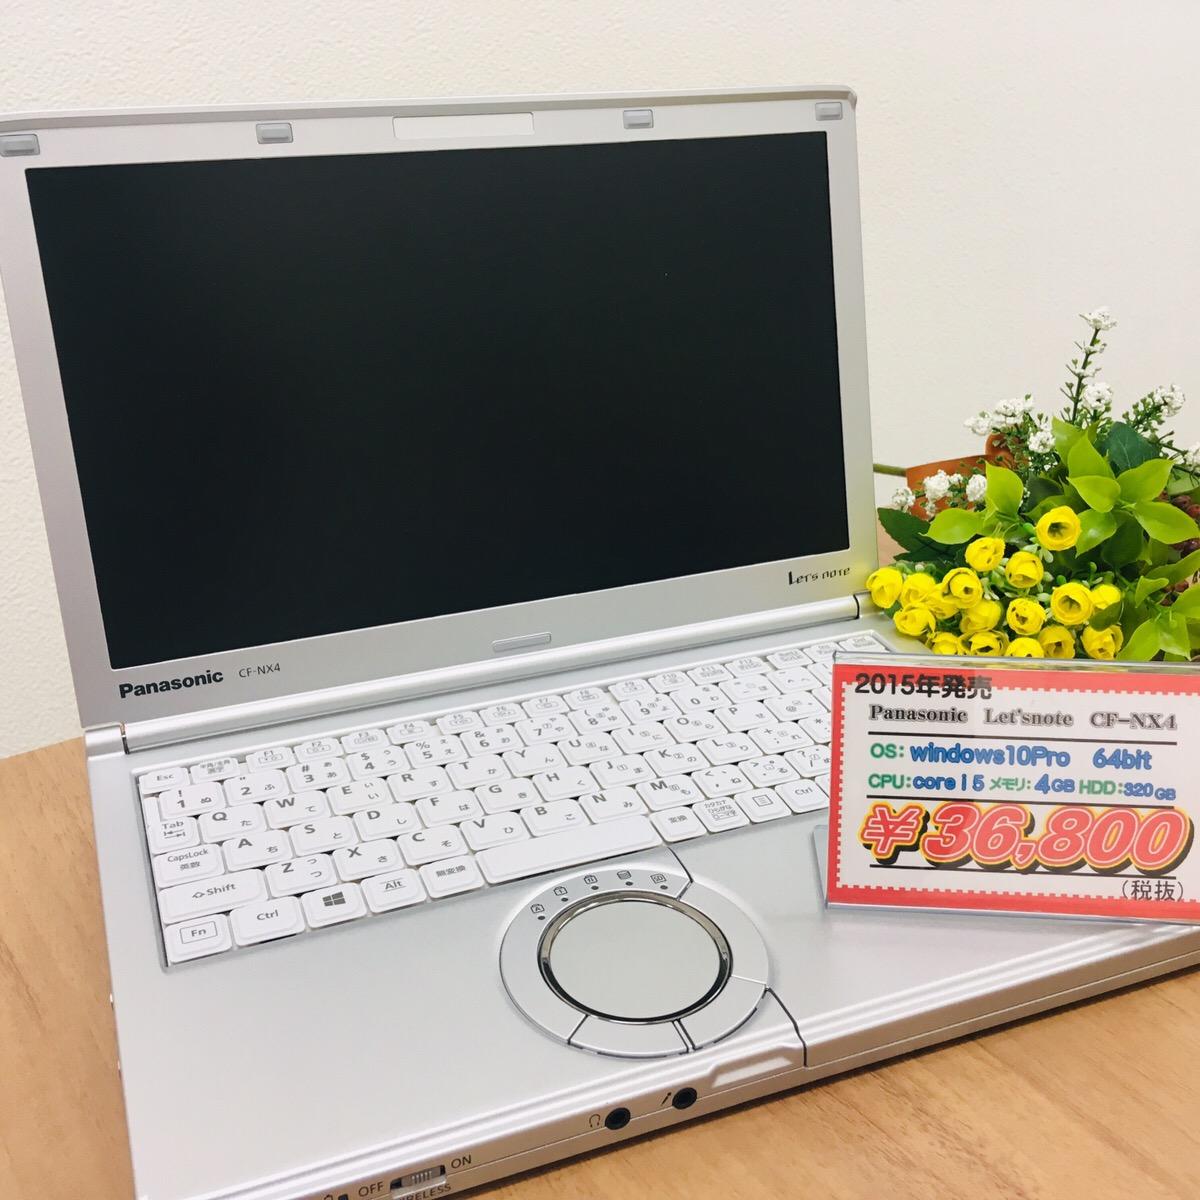 Panasonic CF-NX4